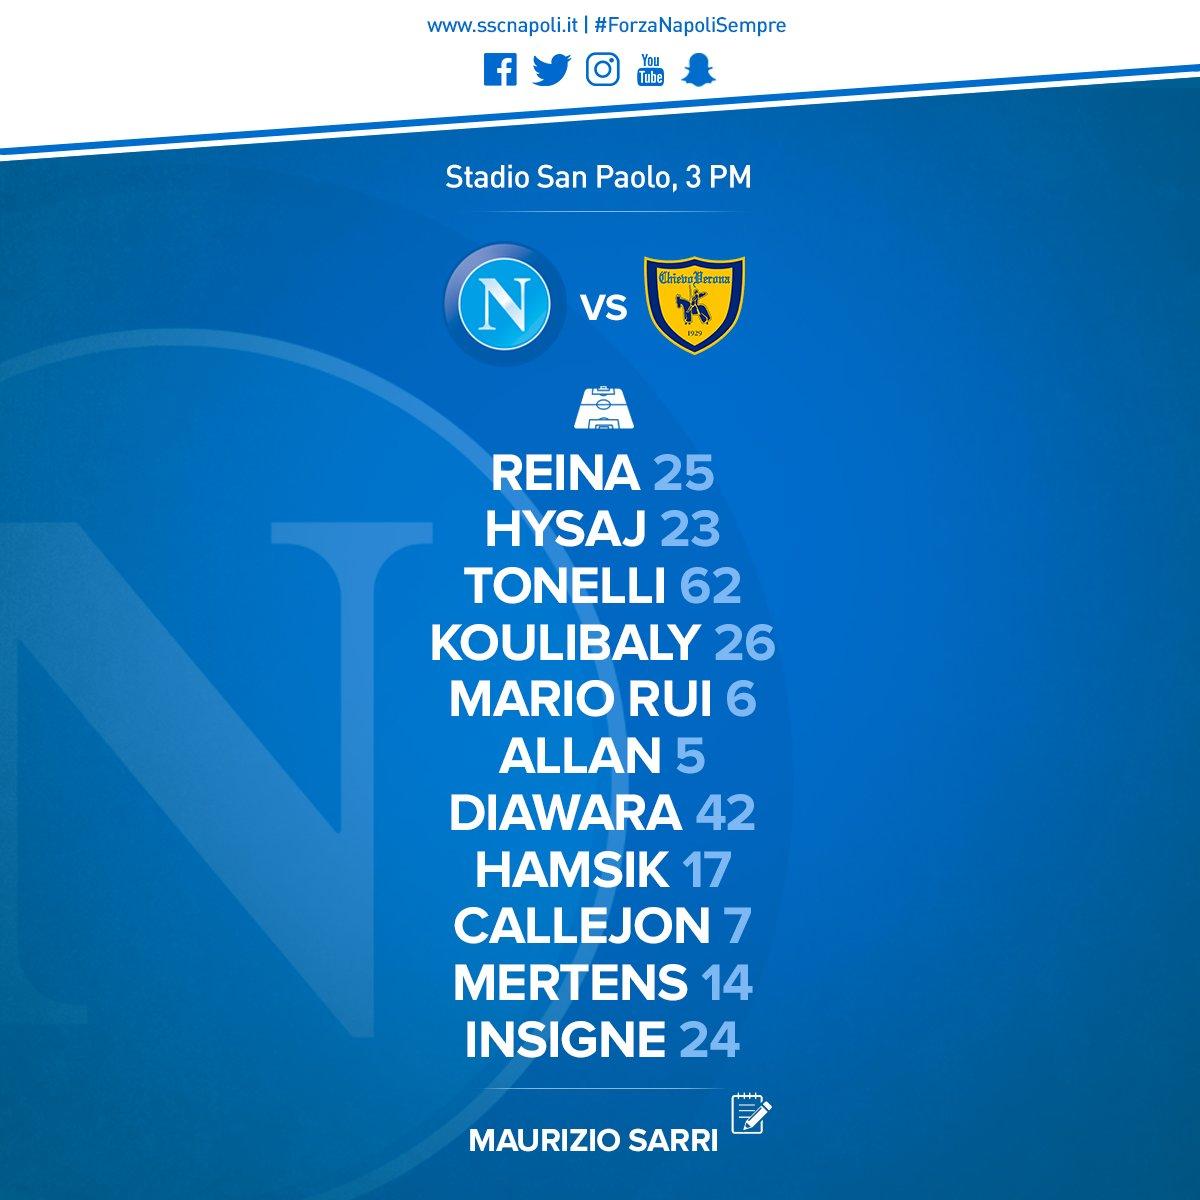 Napoli-Chievo, le formazioni ufficiali: la sorpresa è Lorenzo Tonelli